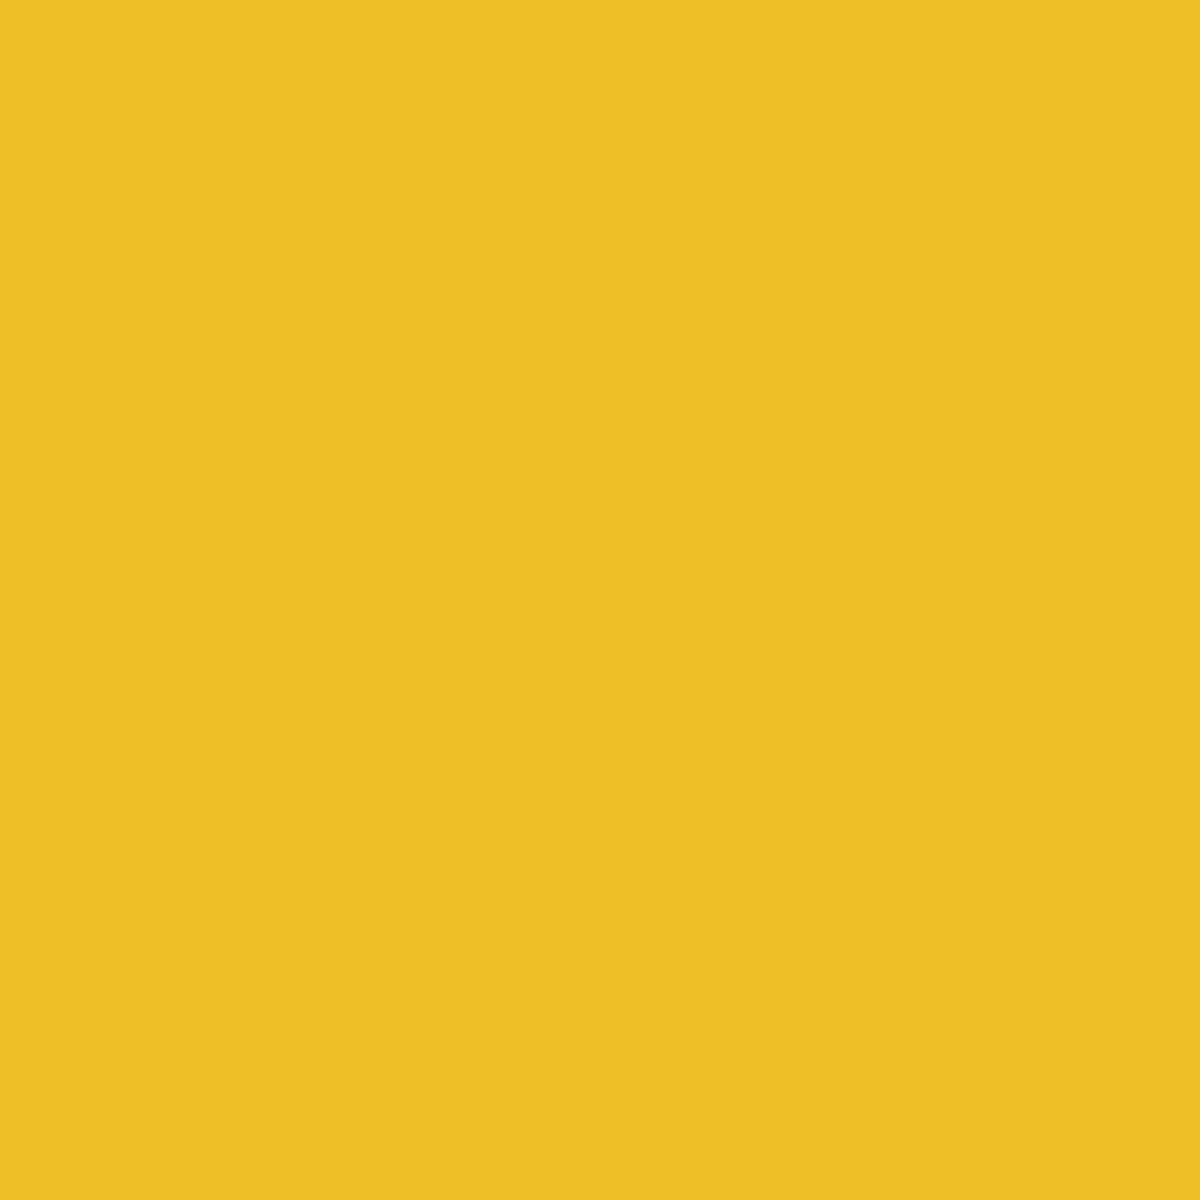 Riley Blake, Confetti Solid Mustard